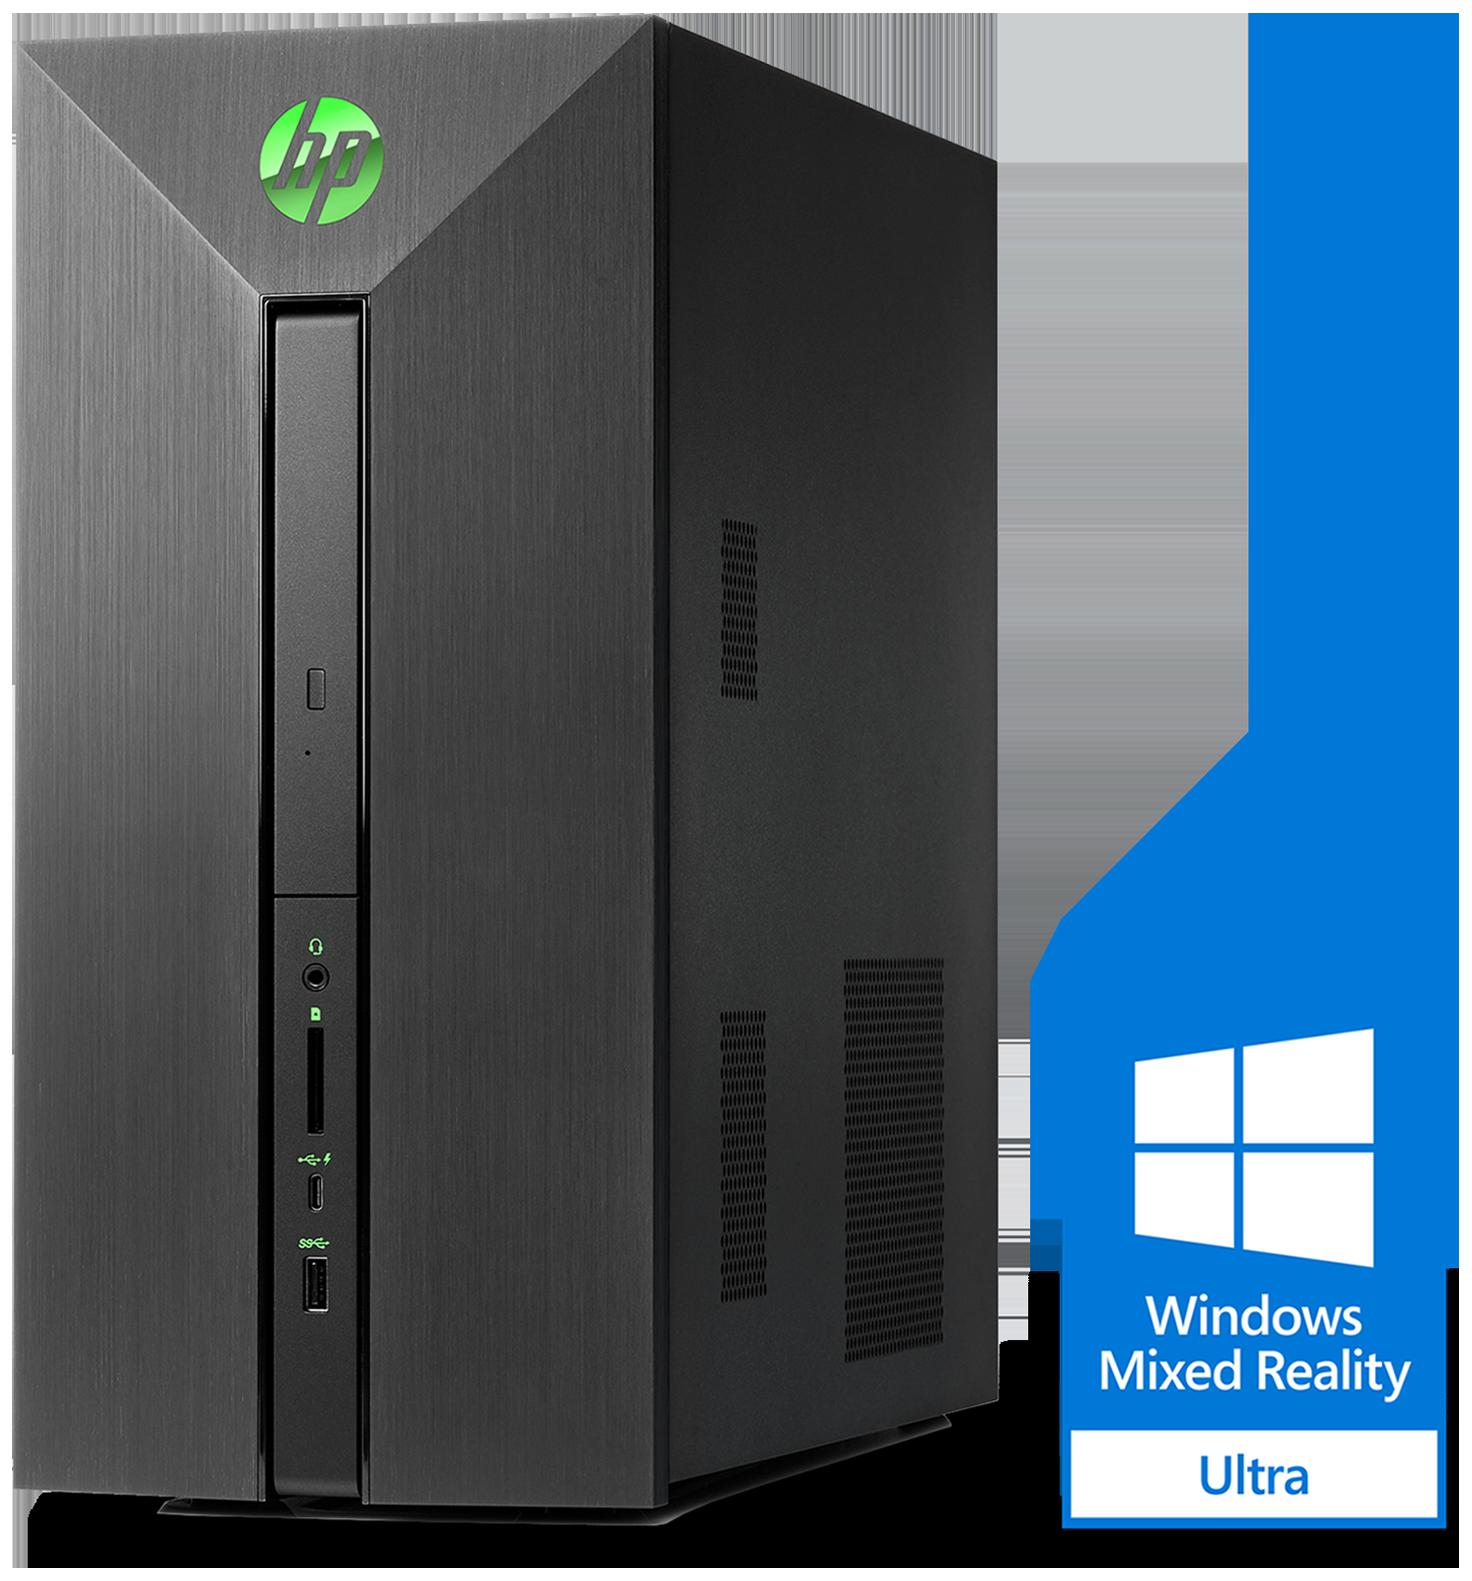 HP Pavilion Power i7-7700 8GB 1TB GTX 1060 Black